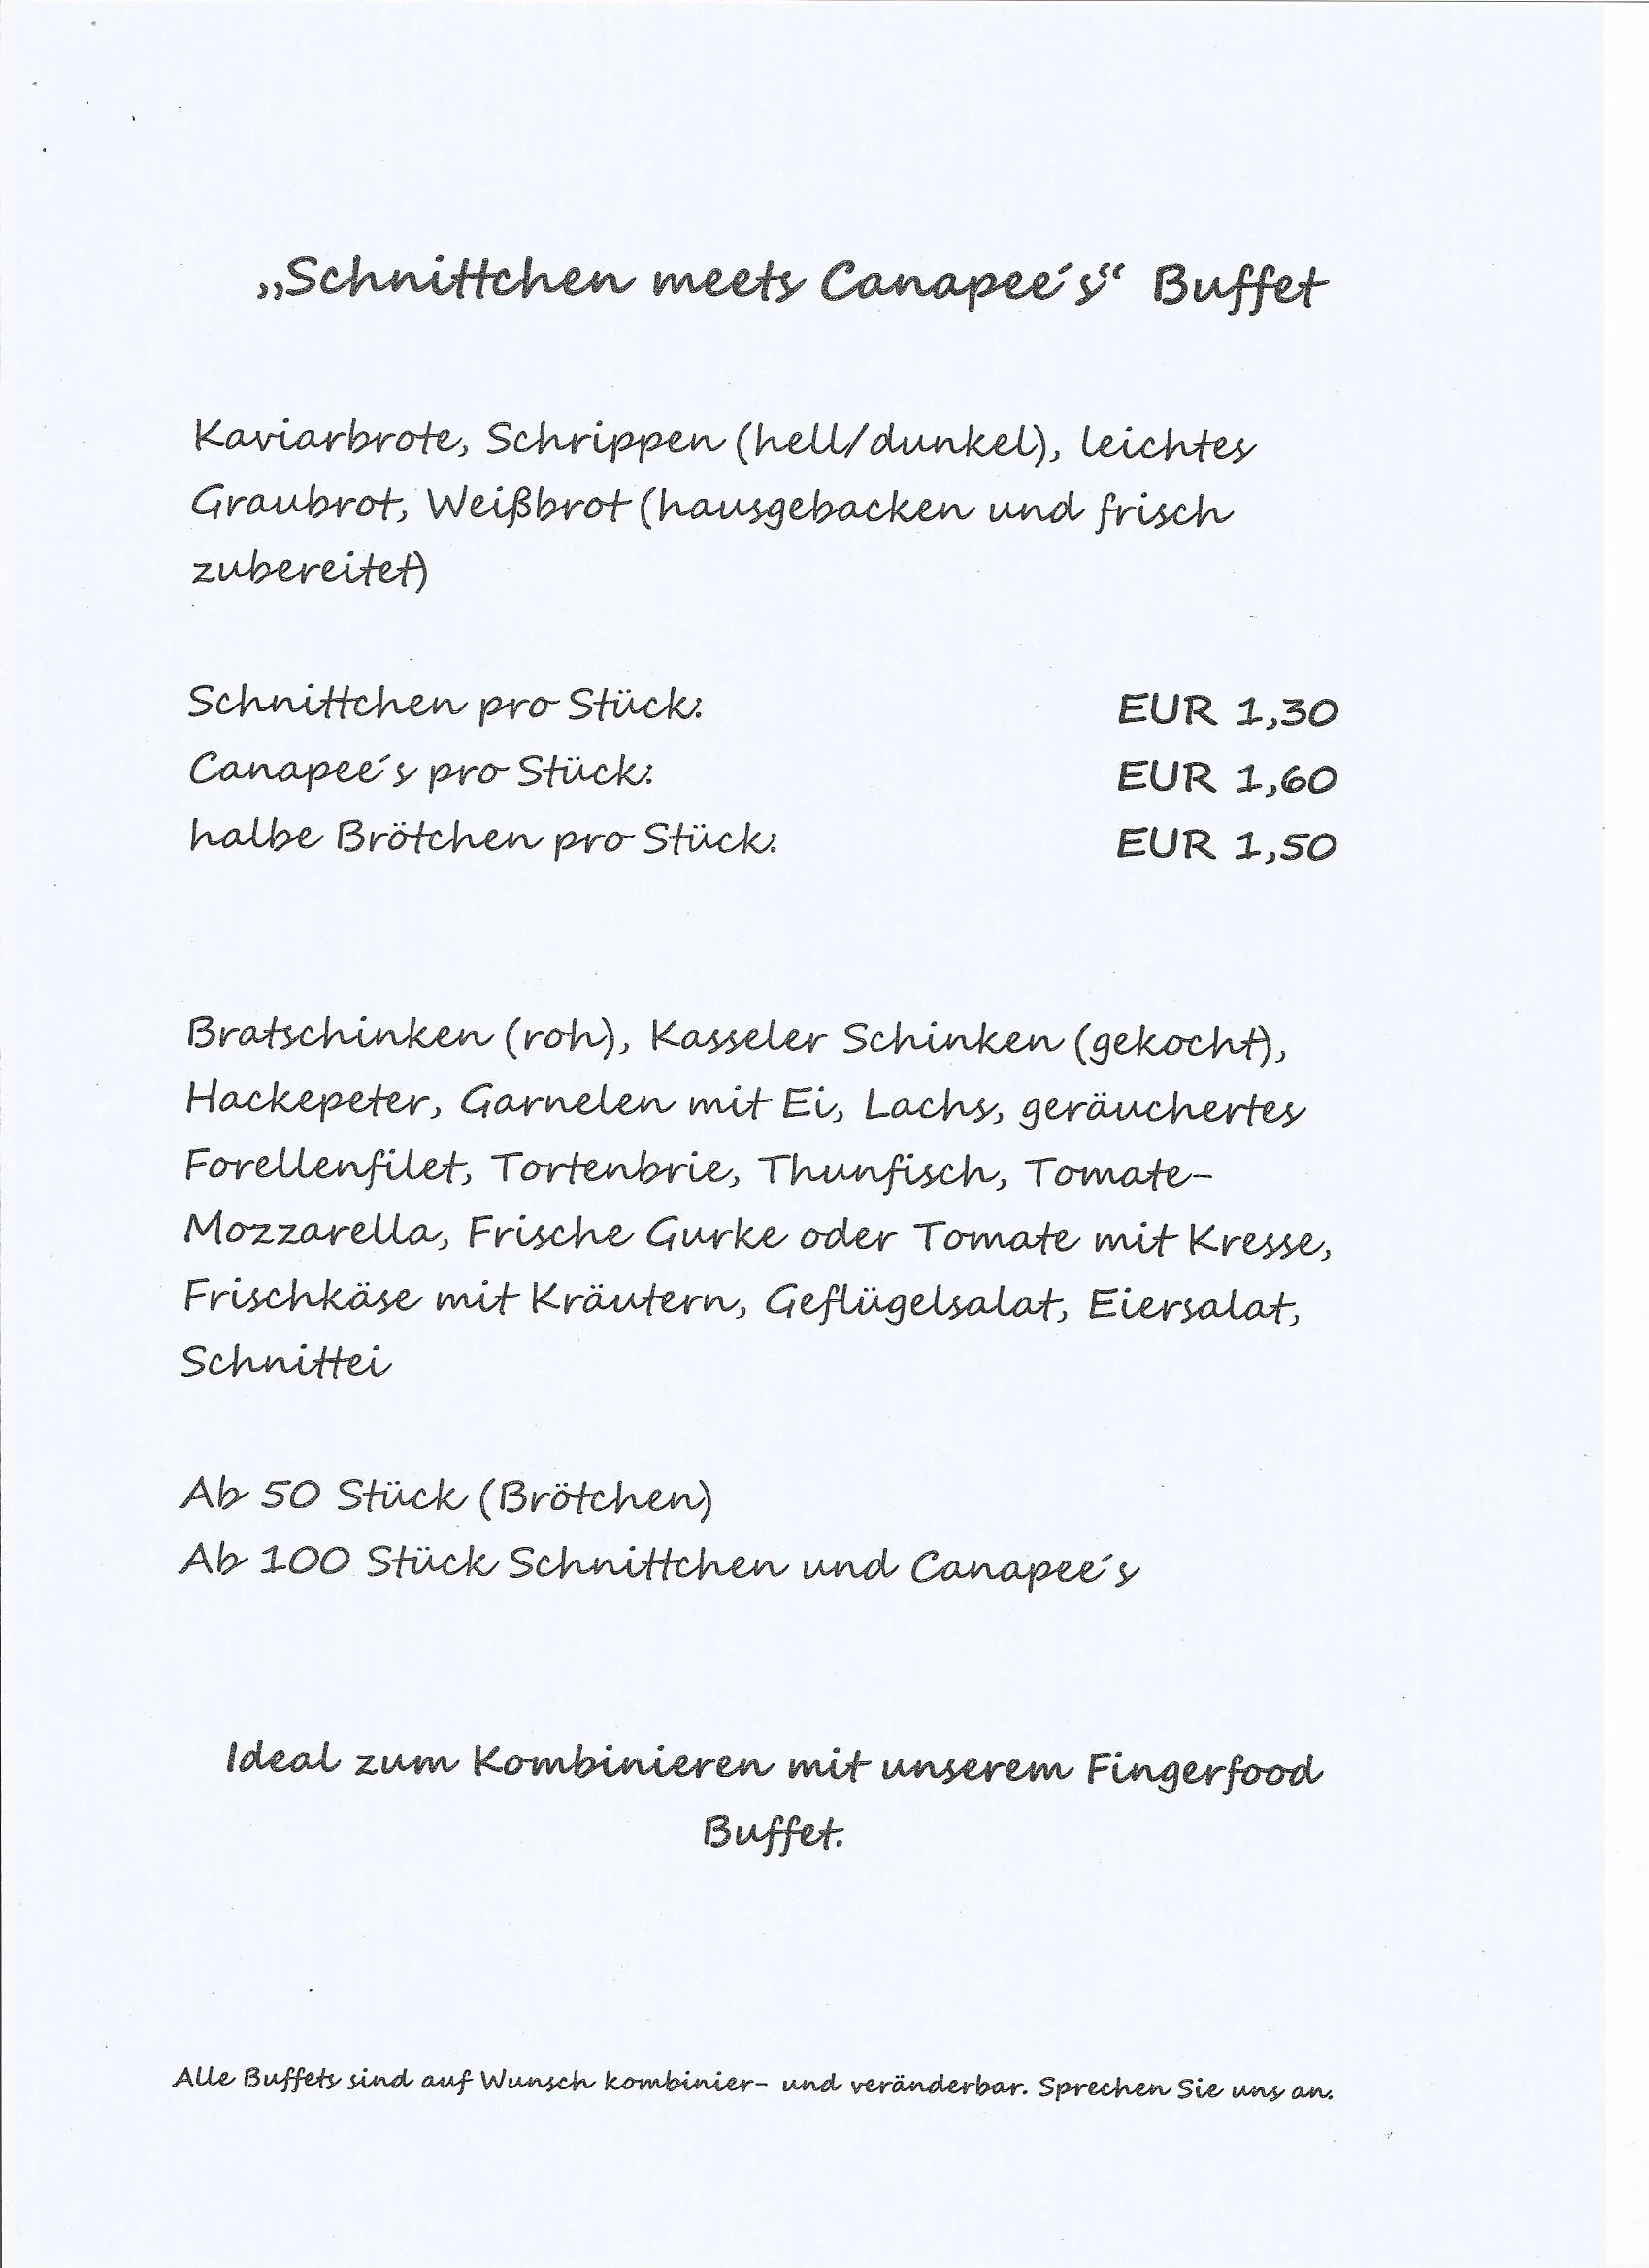 Schnittchen_meets_Canapeés_Buffet.jpg